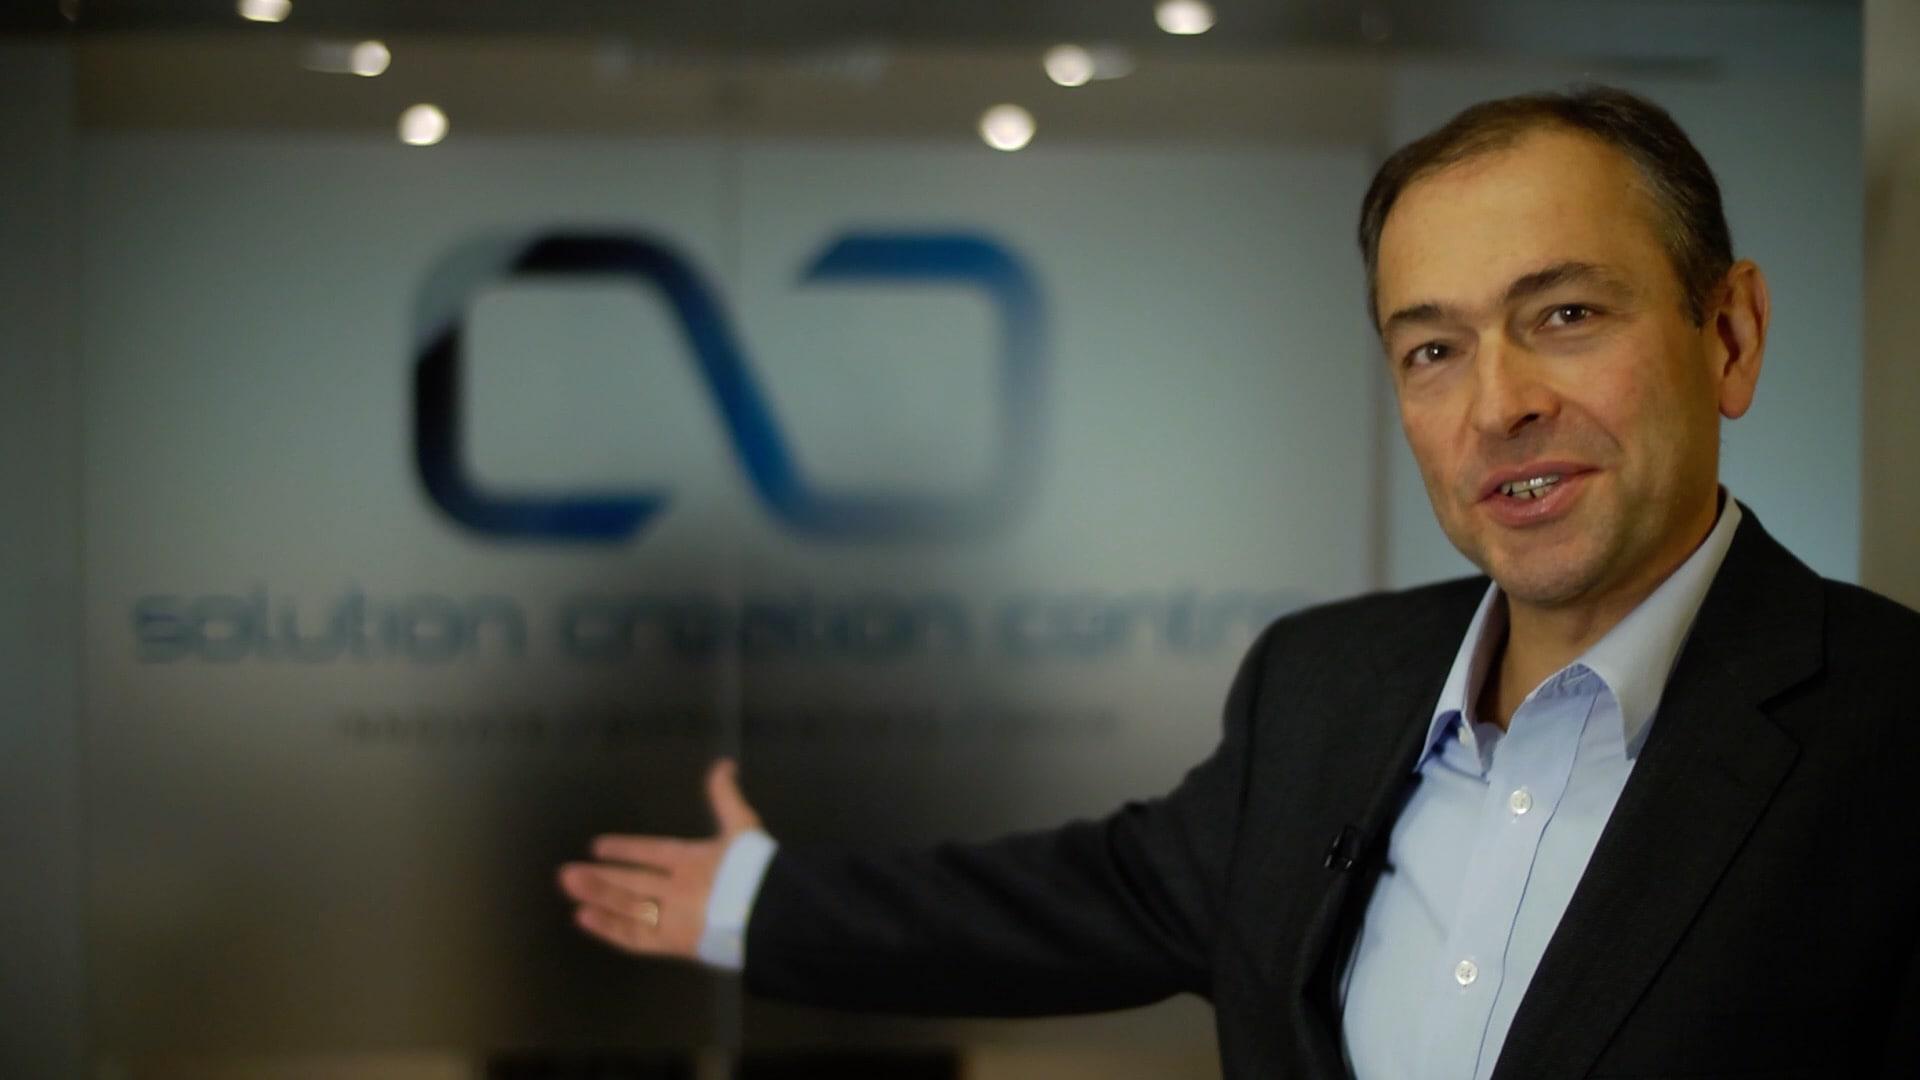 TCC video for JB Communications